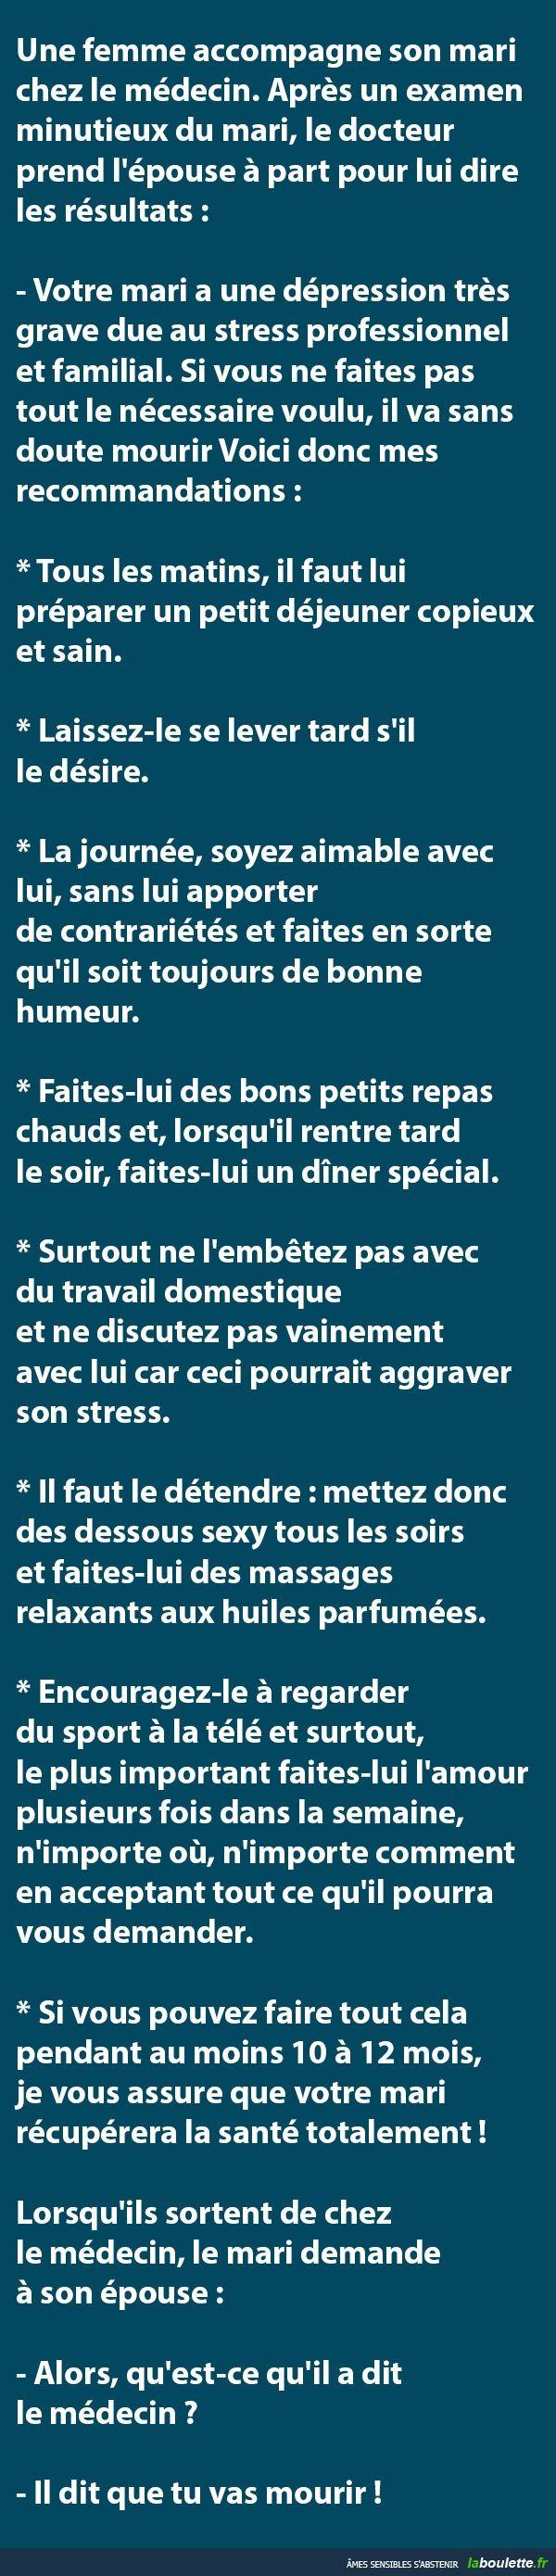 Une femme accompagne son mari chez le médecin... | LABOULETTE.fr - Les meilleures images du net!